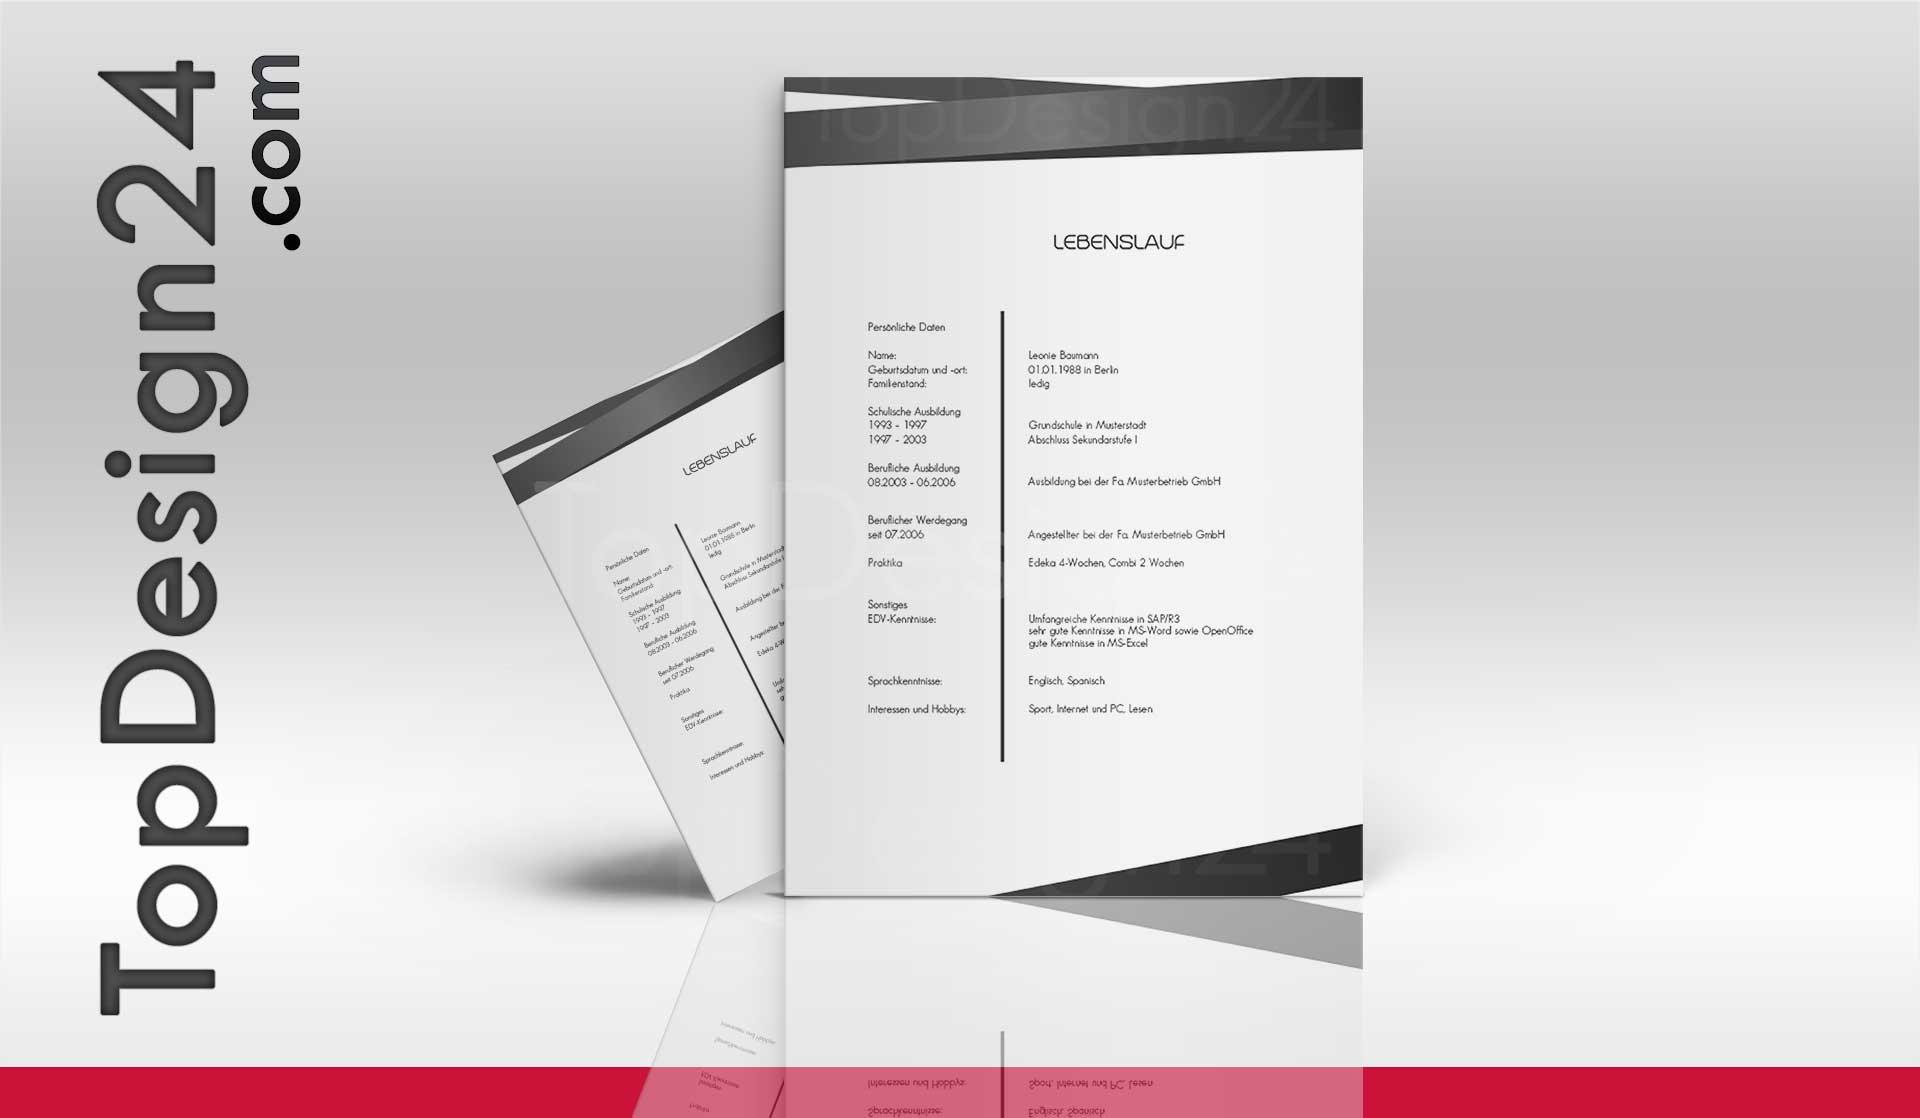 Bewerbung Design Vorlage - TopDesign24, Deckblatt, Leben.